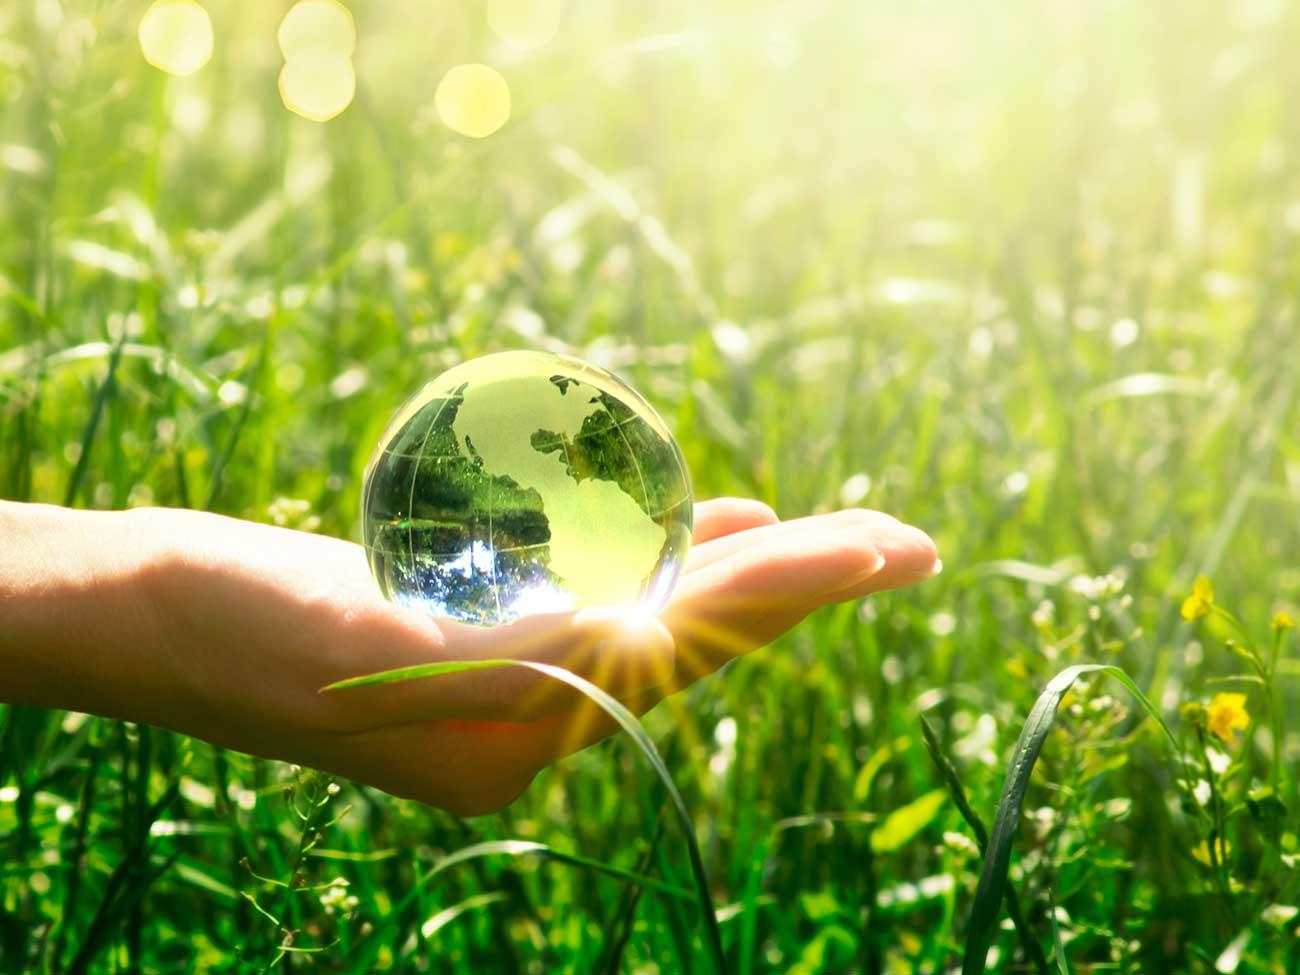 Hand mit Glaskugel in der Hand uaf einer grünen Wiese